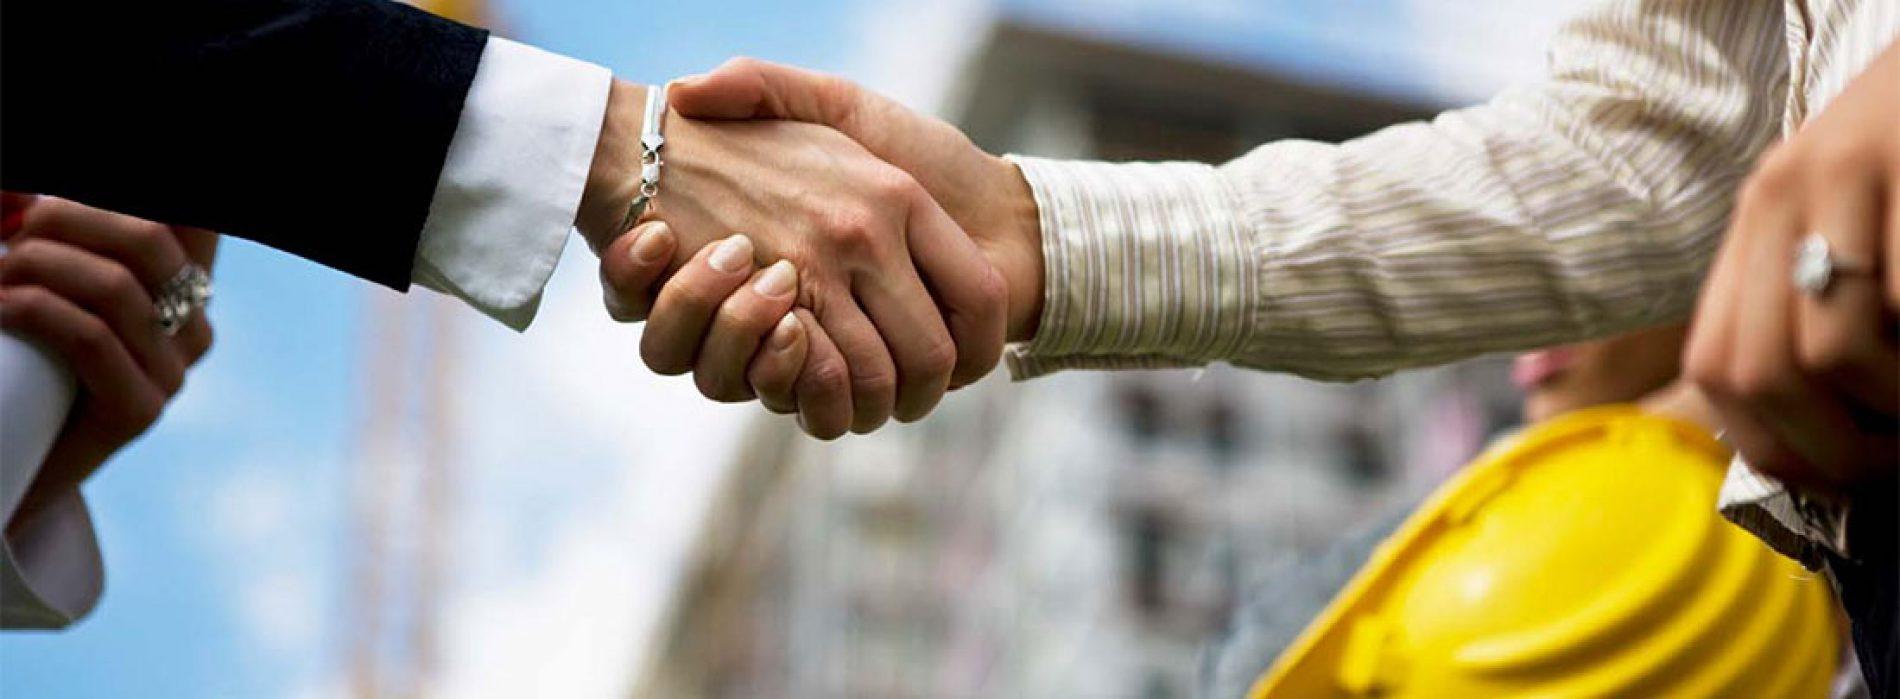 Nuovo accordo Stato-Regioni per formazione RSPP e ASPP